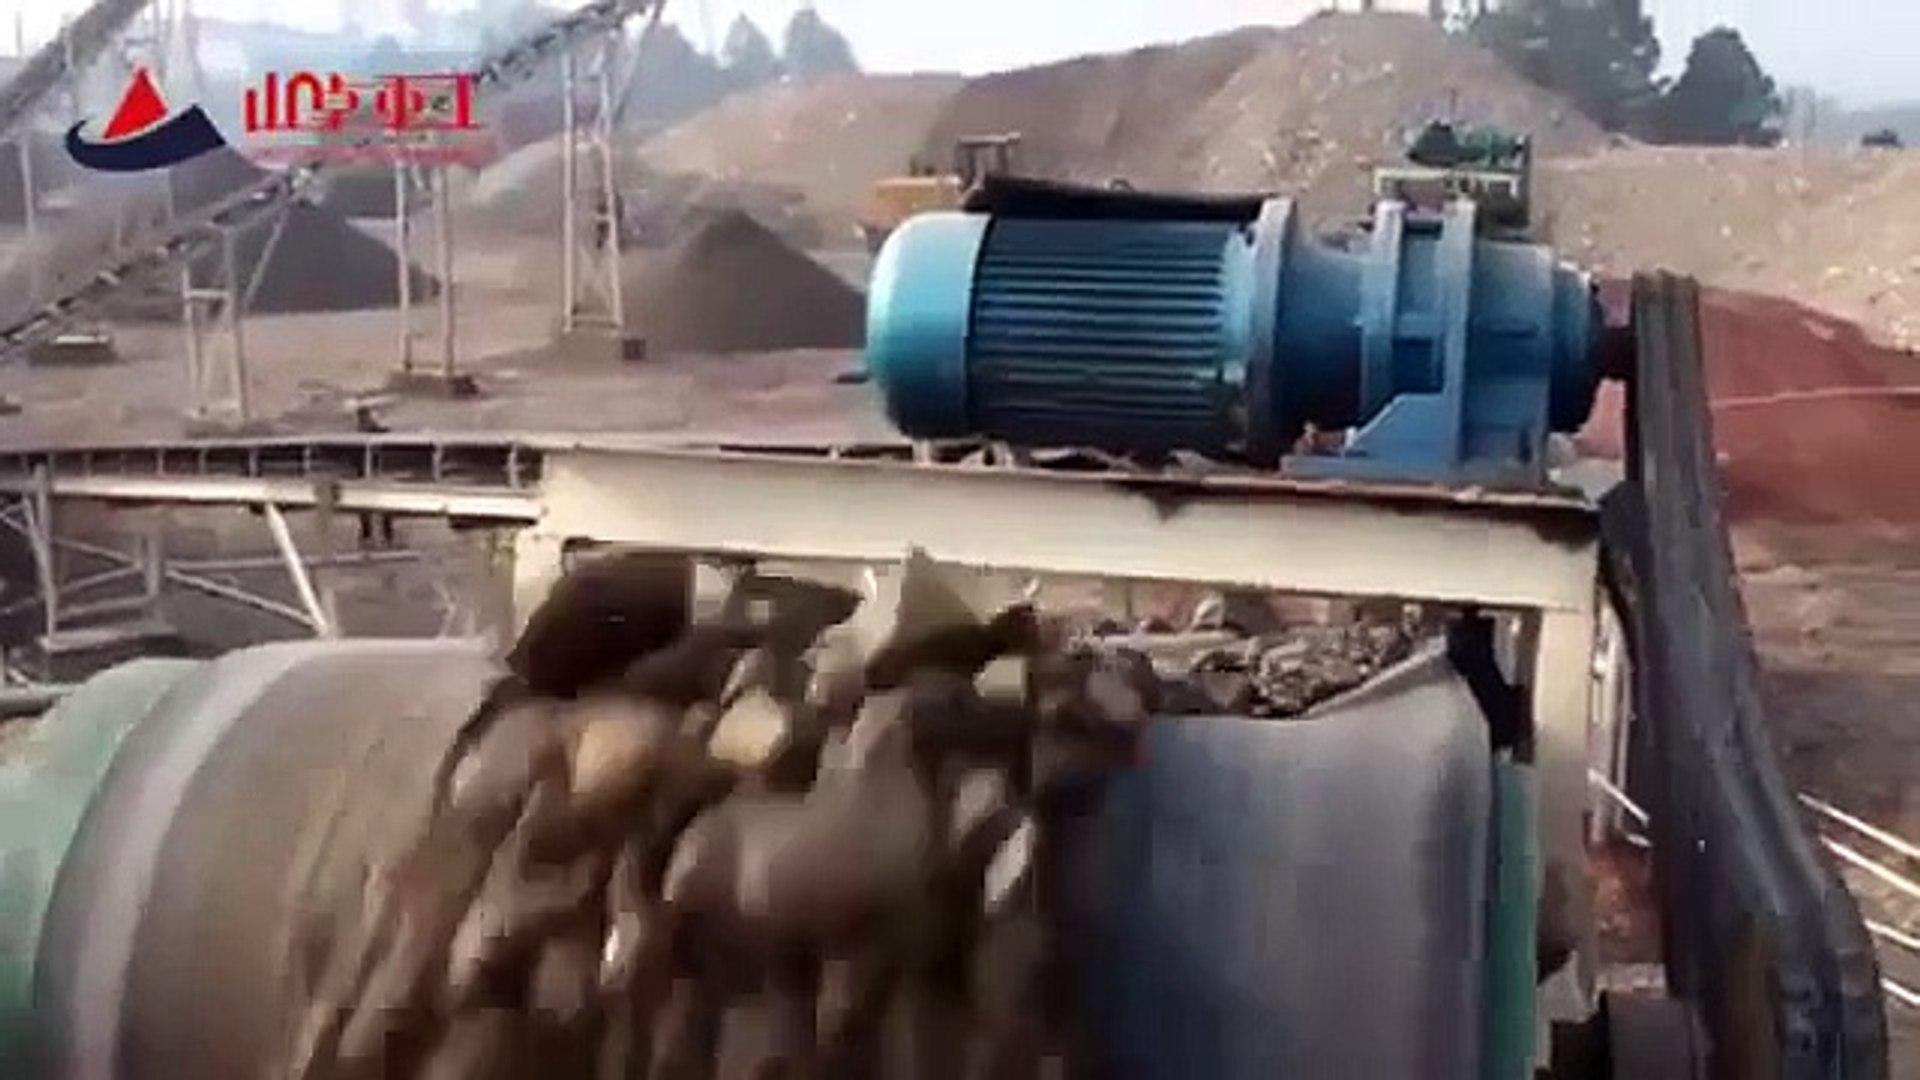 rock crusher machine, river stone crushing line machine, rock crushing plant